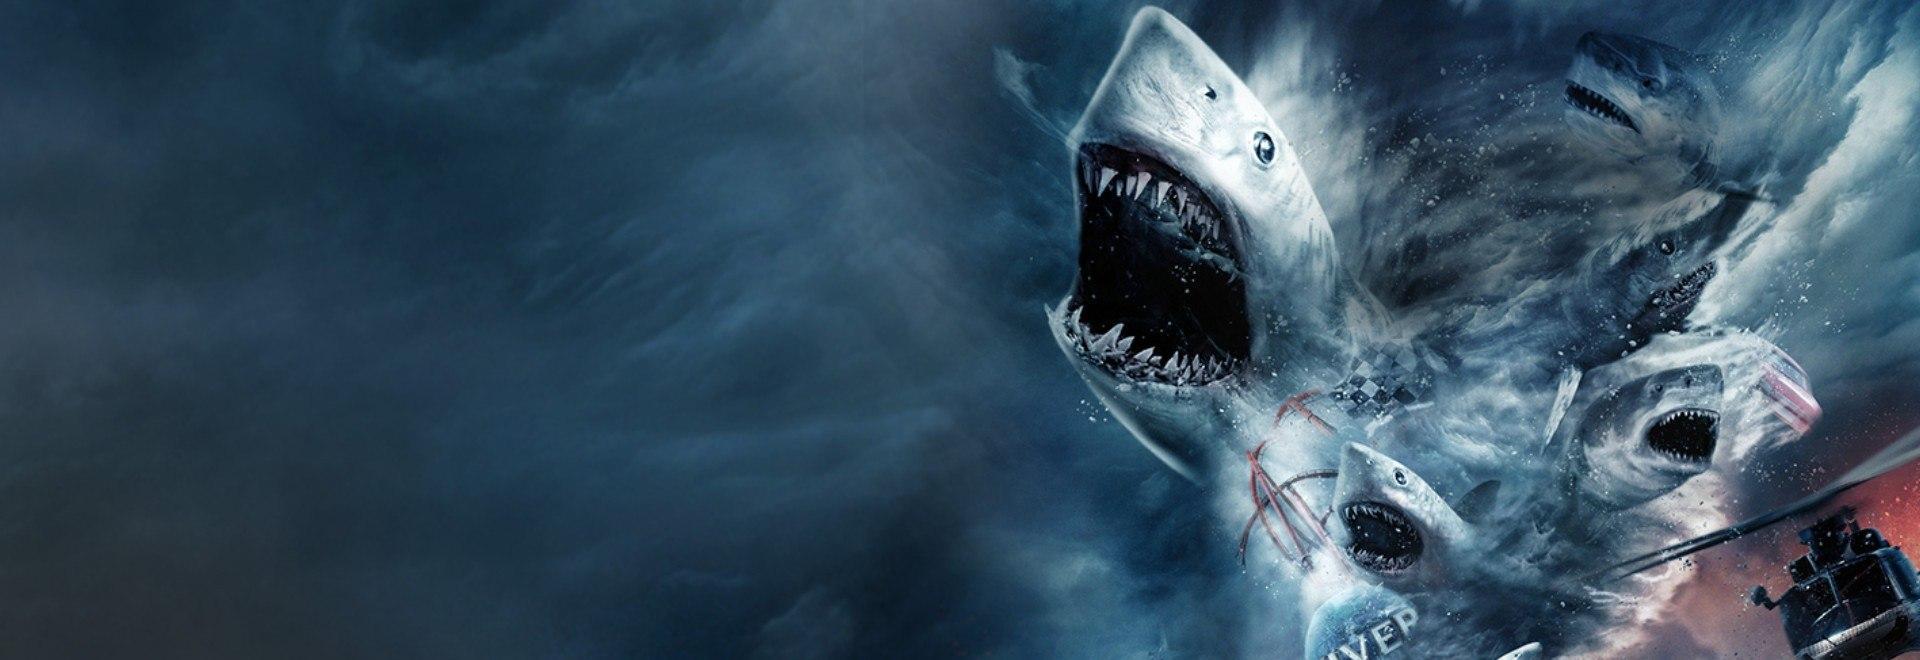 Collezione Sharknado